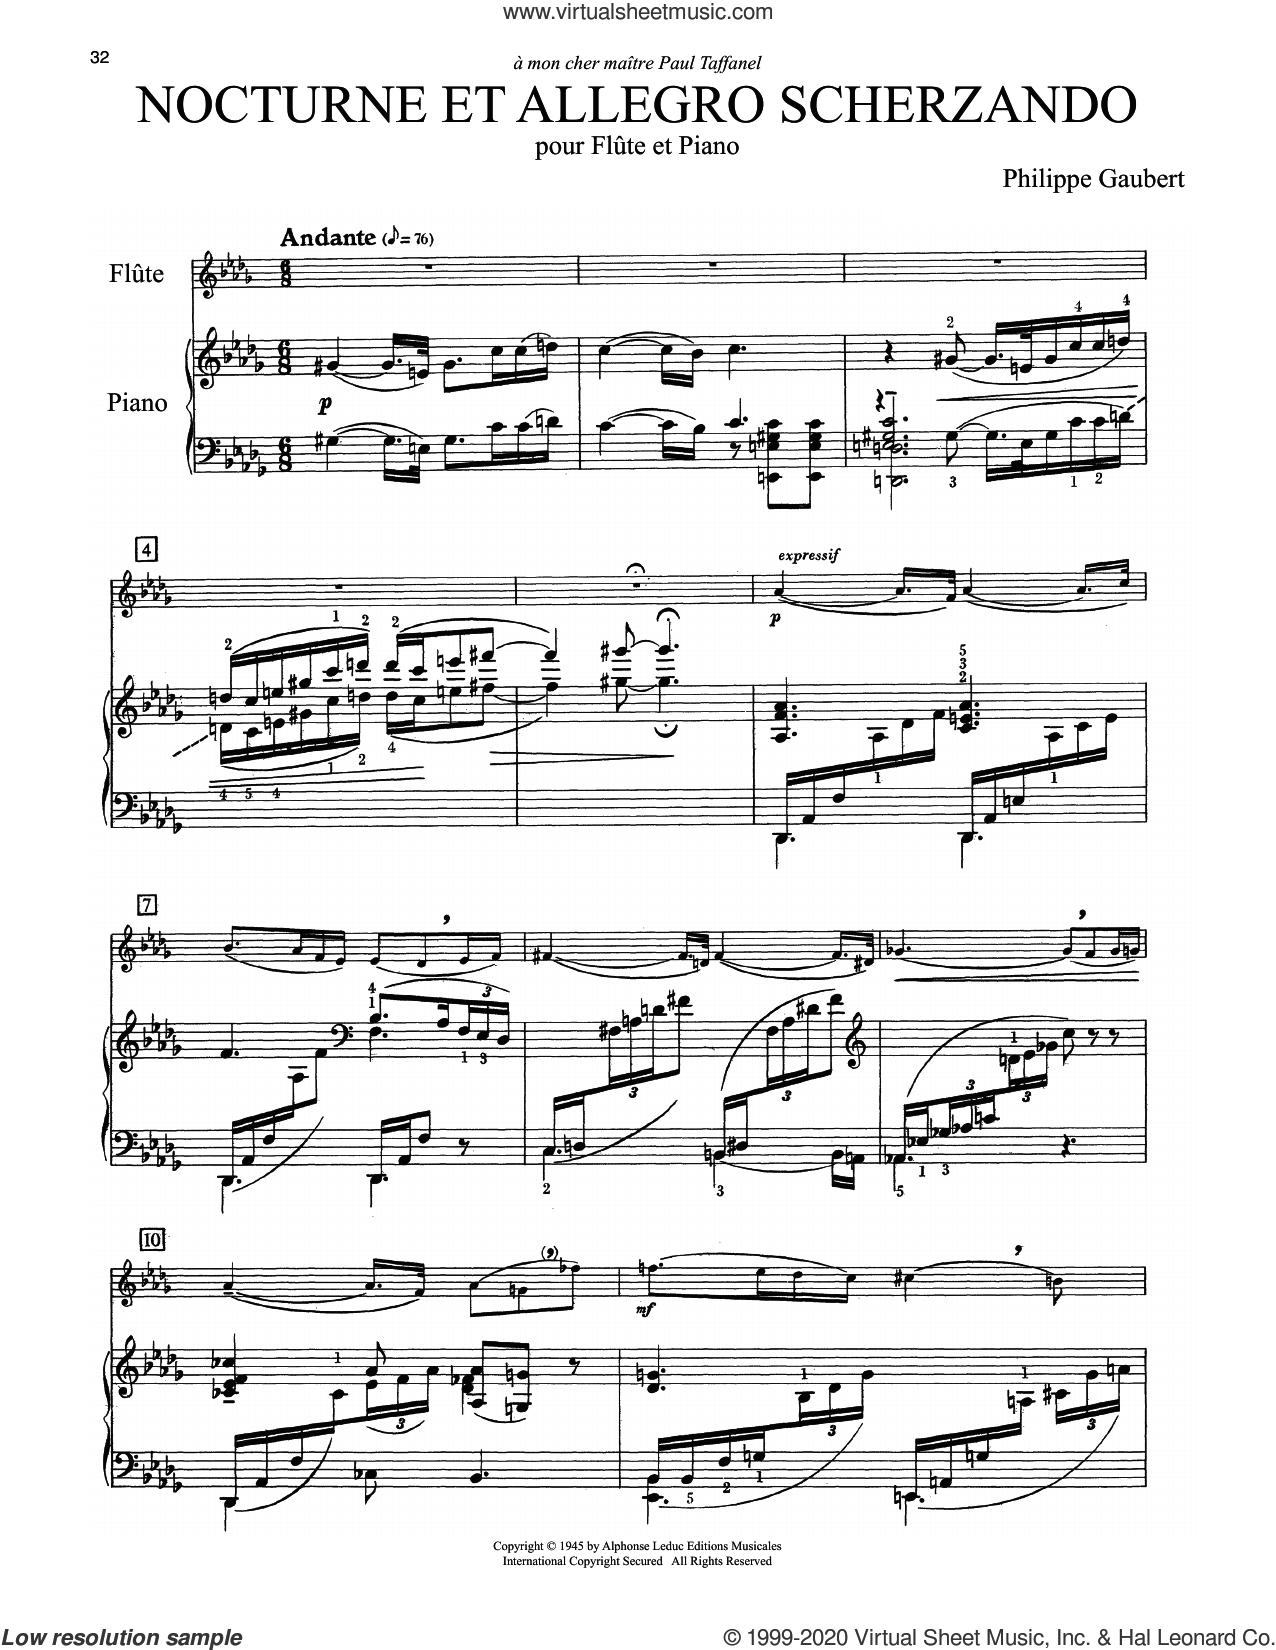 Nocturne Et Allegro Scherzando sheet music for flute and piano by Philippe Gaubert, classical score, intermediate skill level